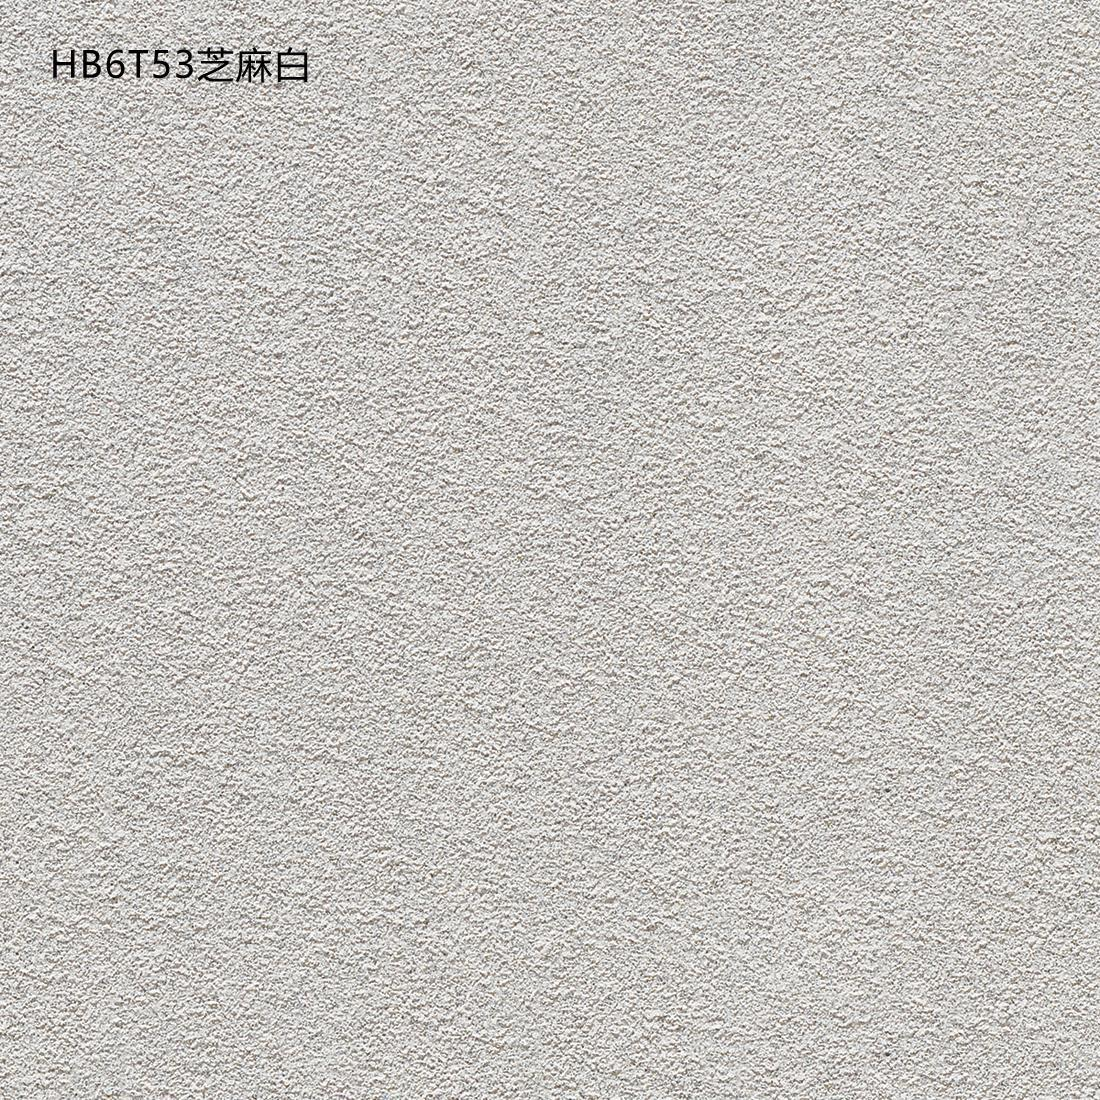 瓷砖幕墙为什么火起来?哪些瓷砖适合用来做瓷砖幕墙?